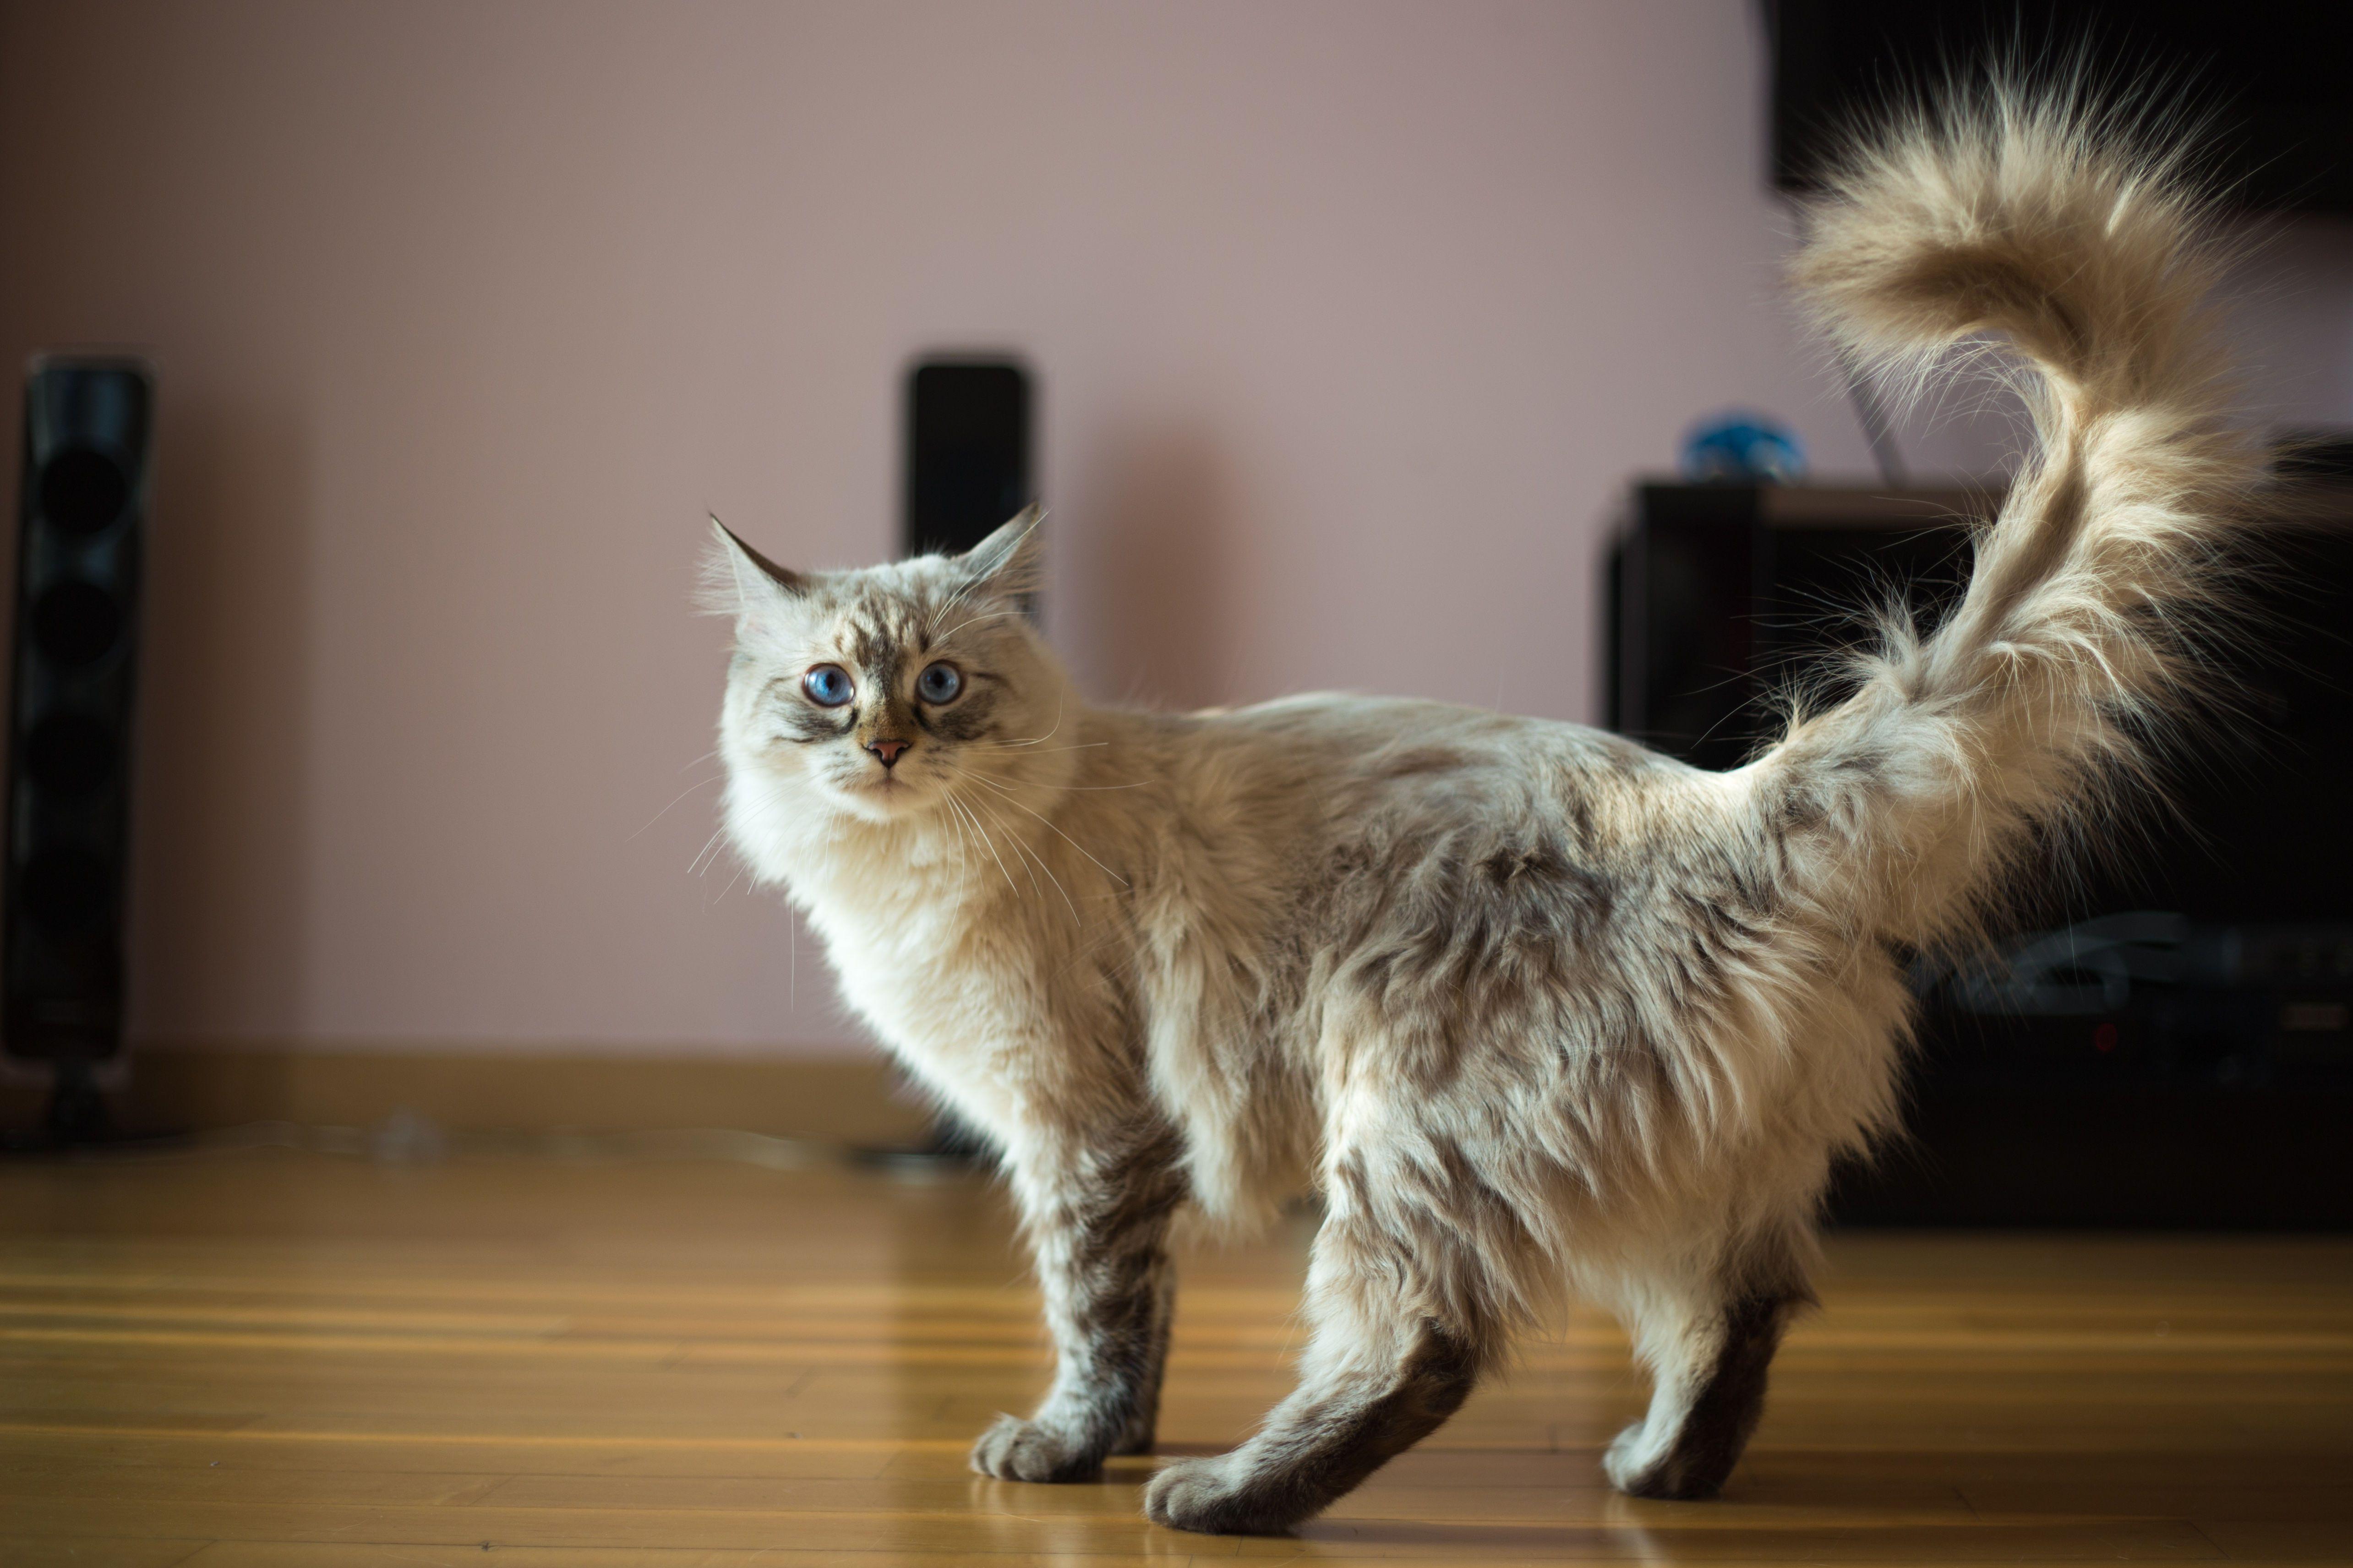 gato de trapo parado alerta